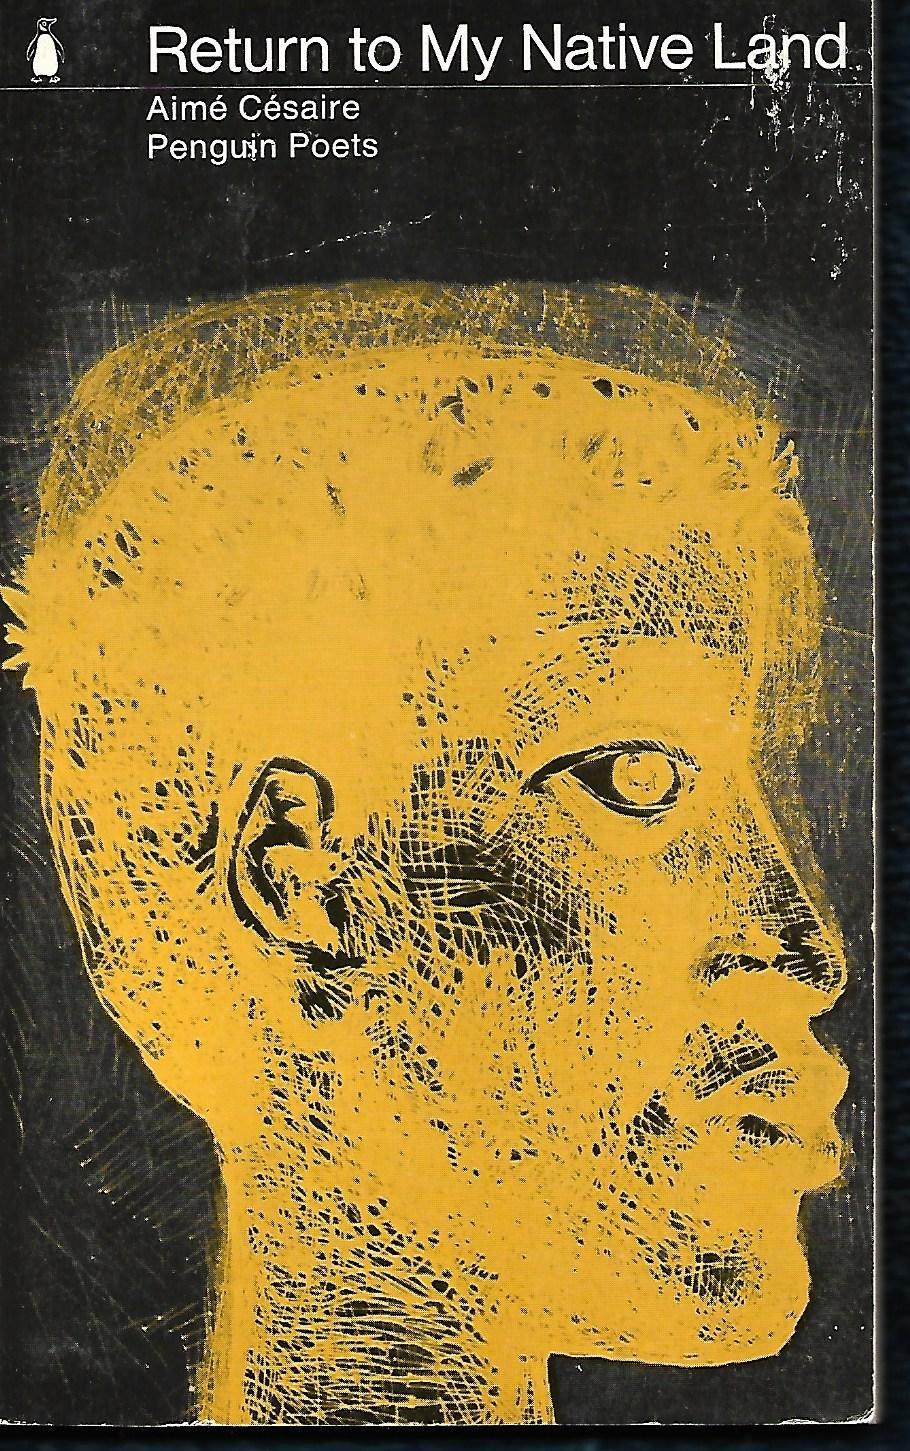 Aimé Césaire, Return to My Native Land.jpg